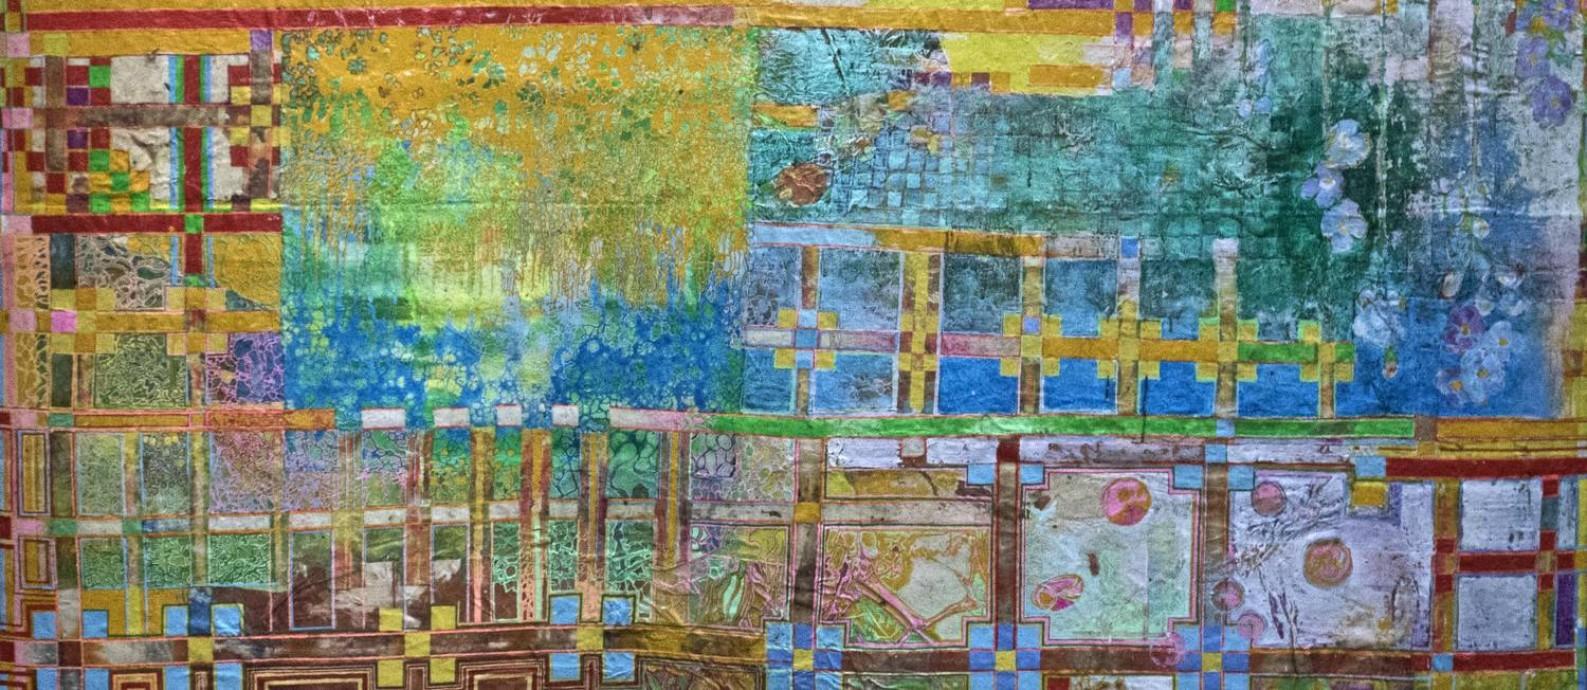 'Jardim inventário': uma das 'telas cultivadas' que o artista desenvolve em seu ateliê Foto: Divulgação